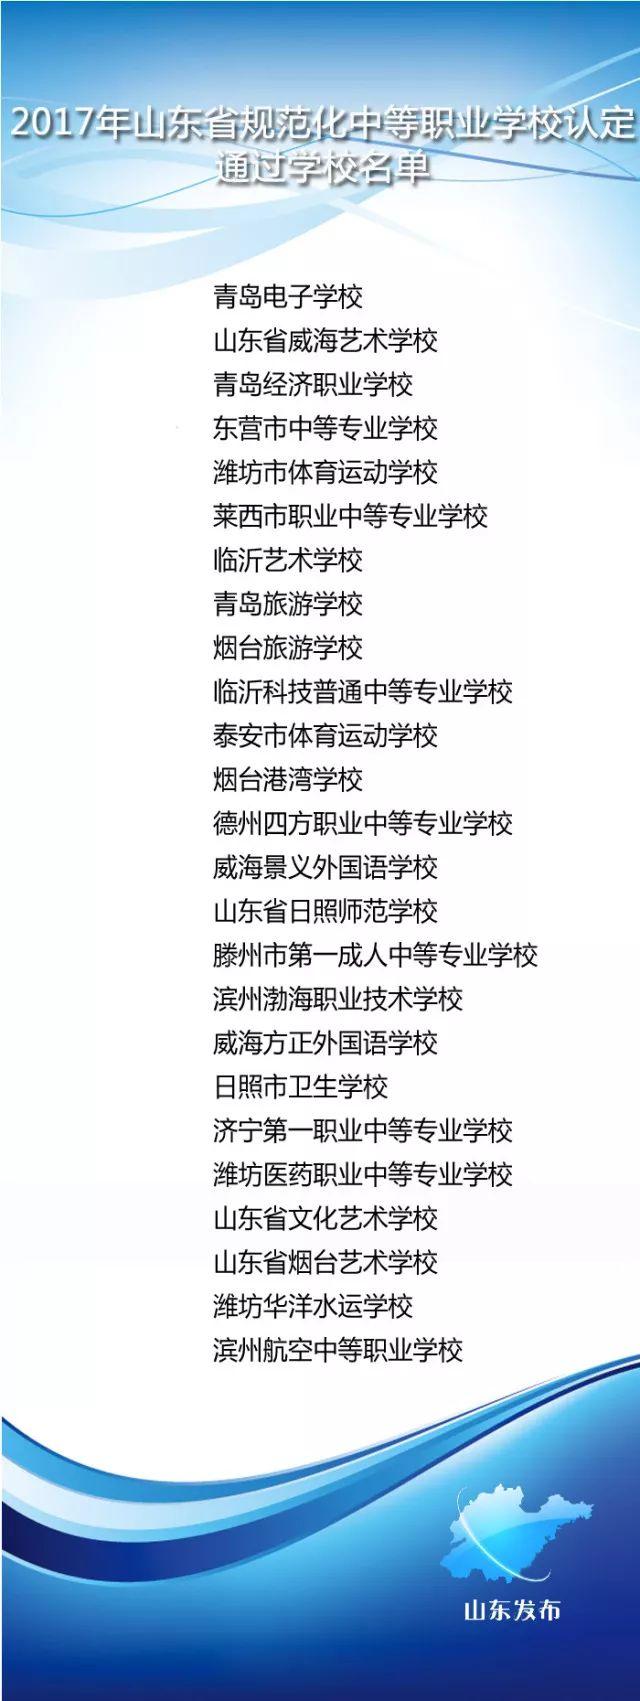 关注丨2017年山东省规范化中等职业学校,认定25所